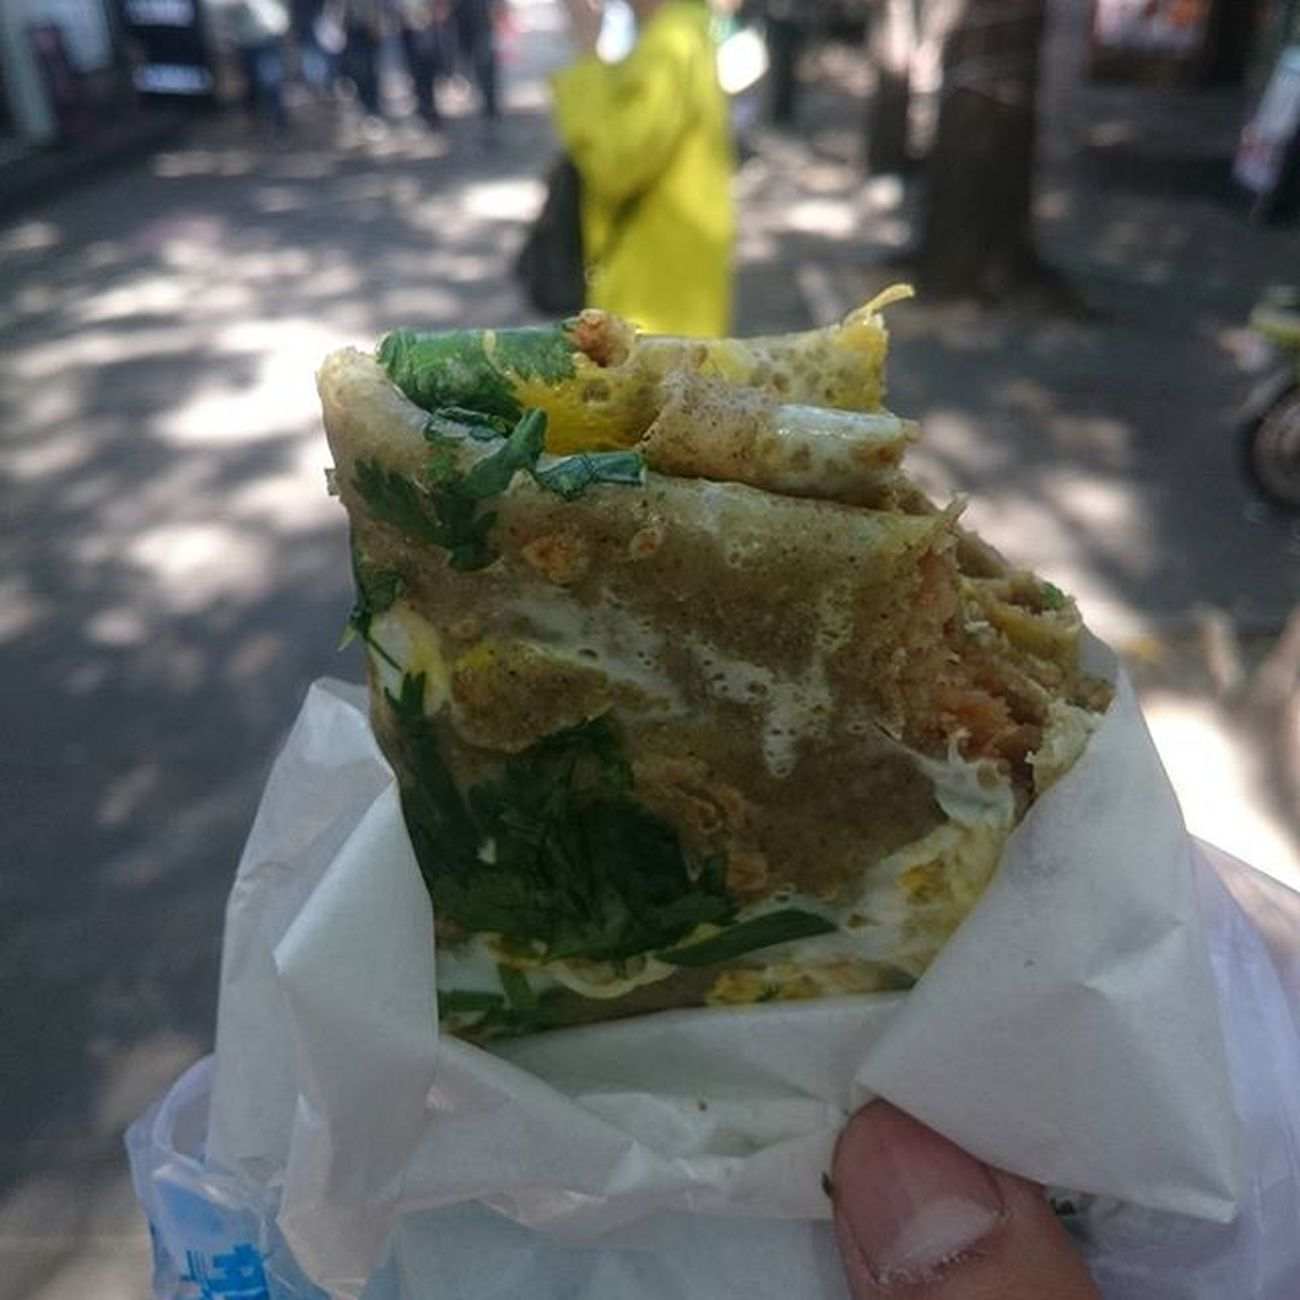 煎饼 北京 Beijing 煎饼侠